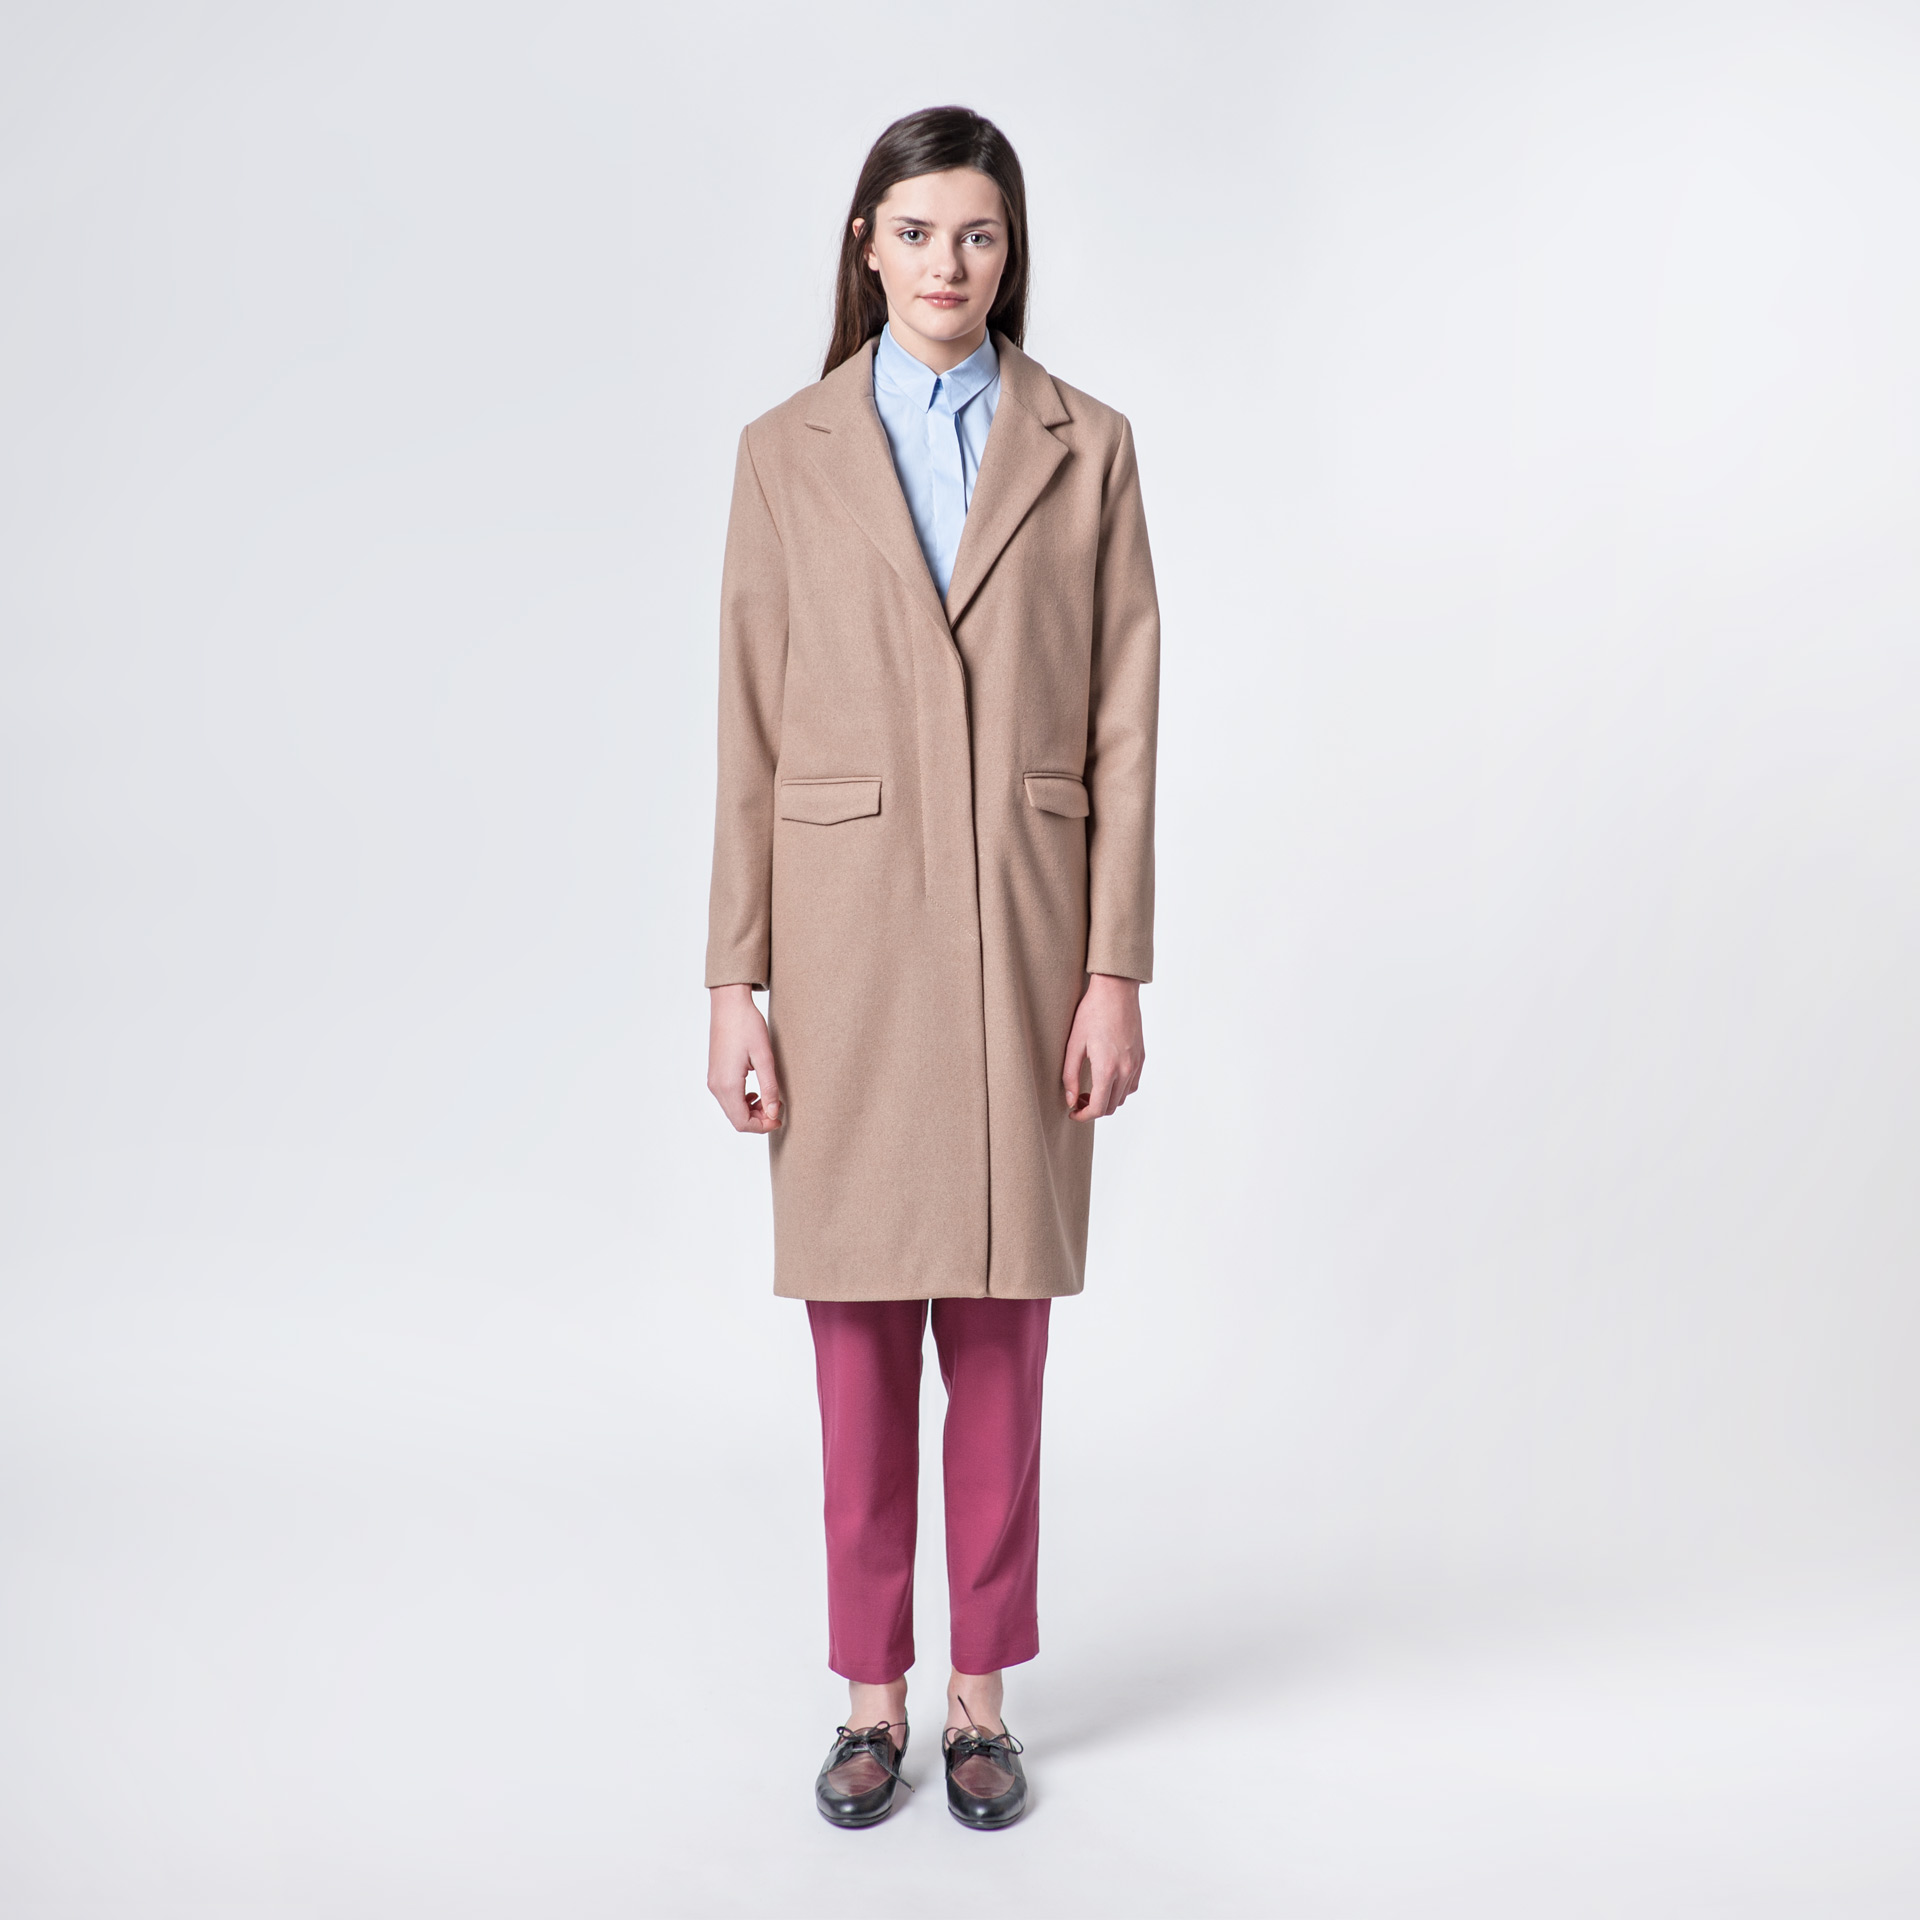 Elementy Milan Coat04-1920x1920